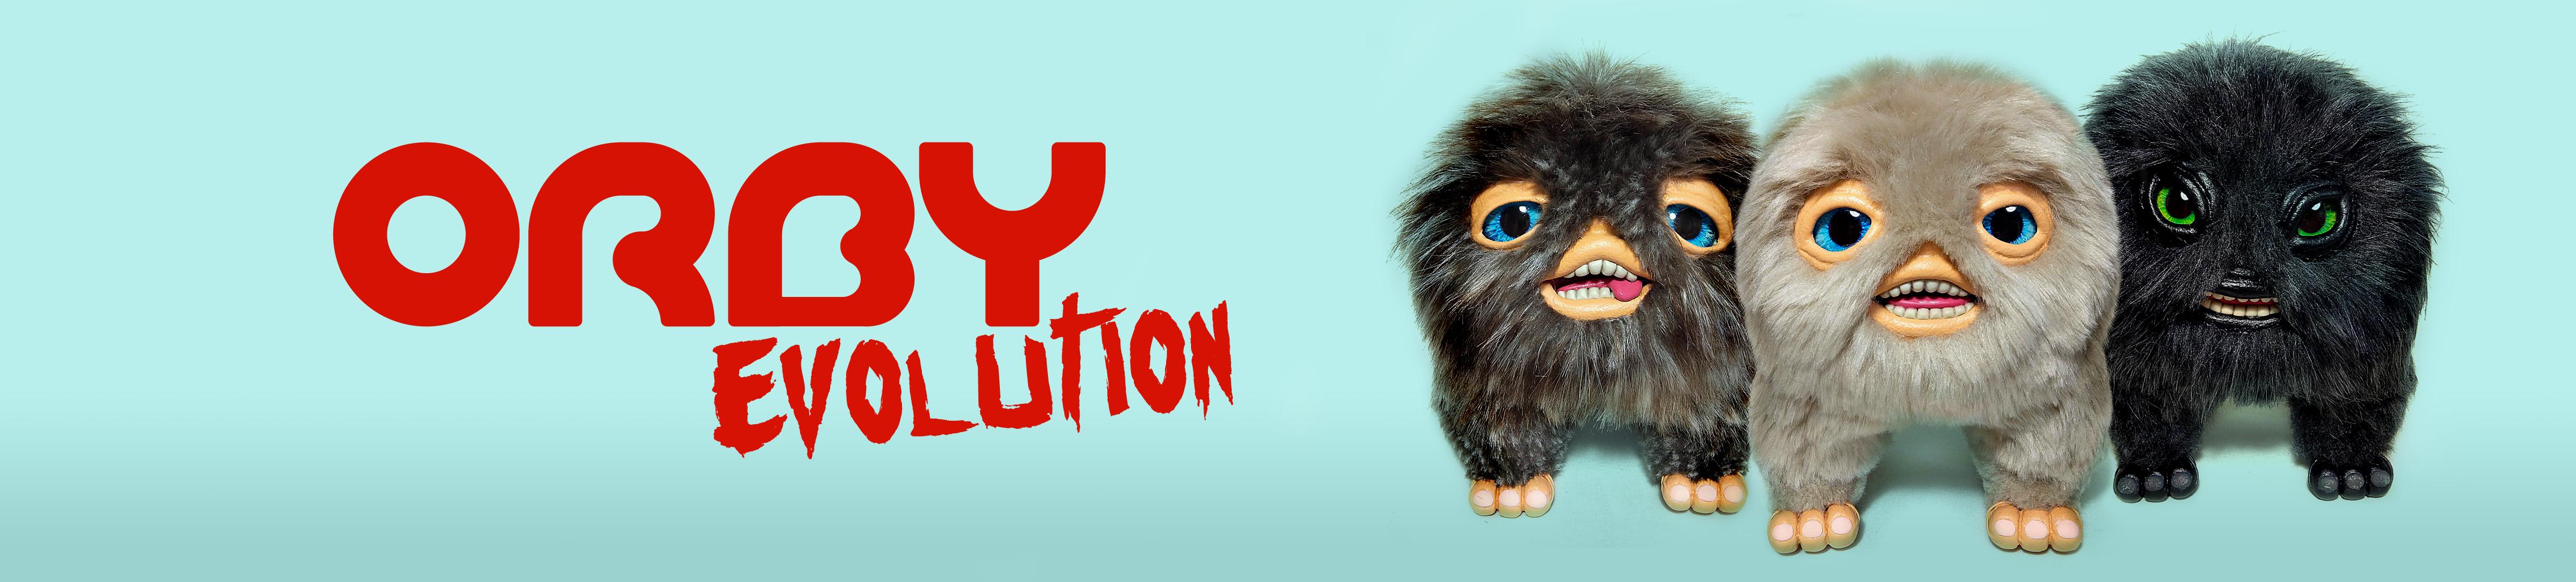 """オービー進化!! """"ORBY EVOLUTION""""販売開始です!"""